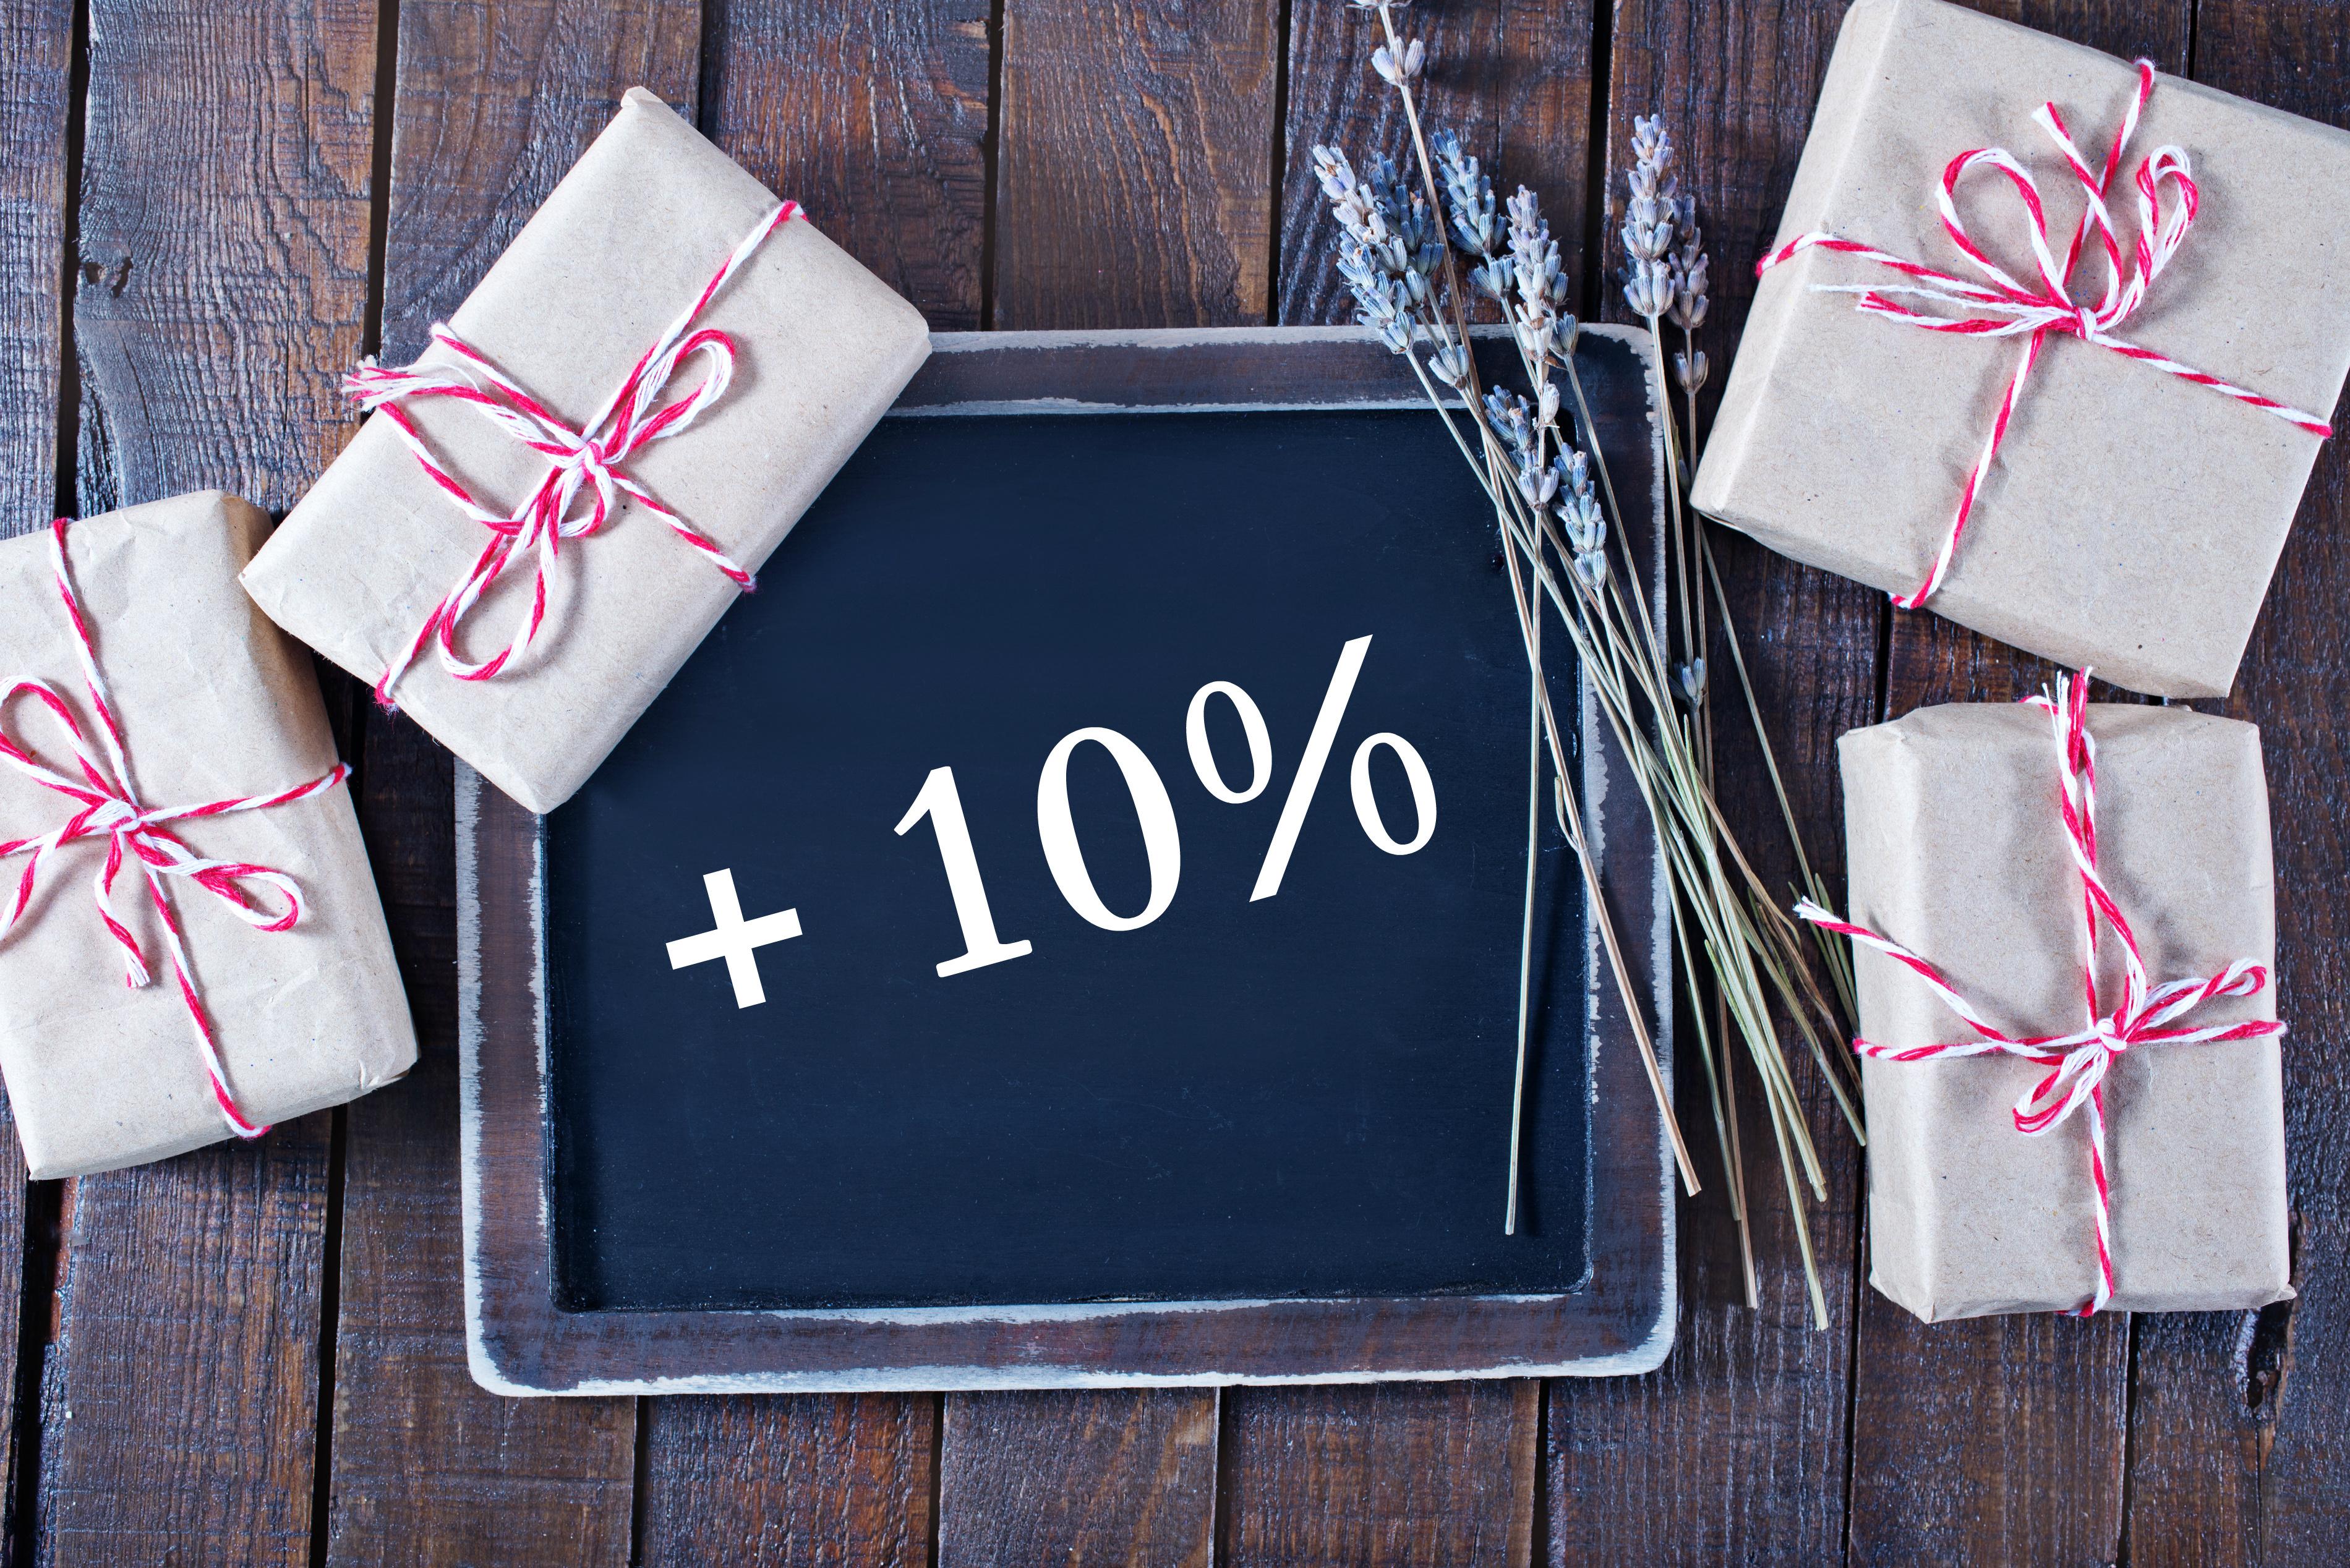 Пополните баланс и получите +10% от платежа.